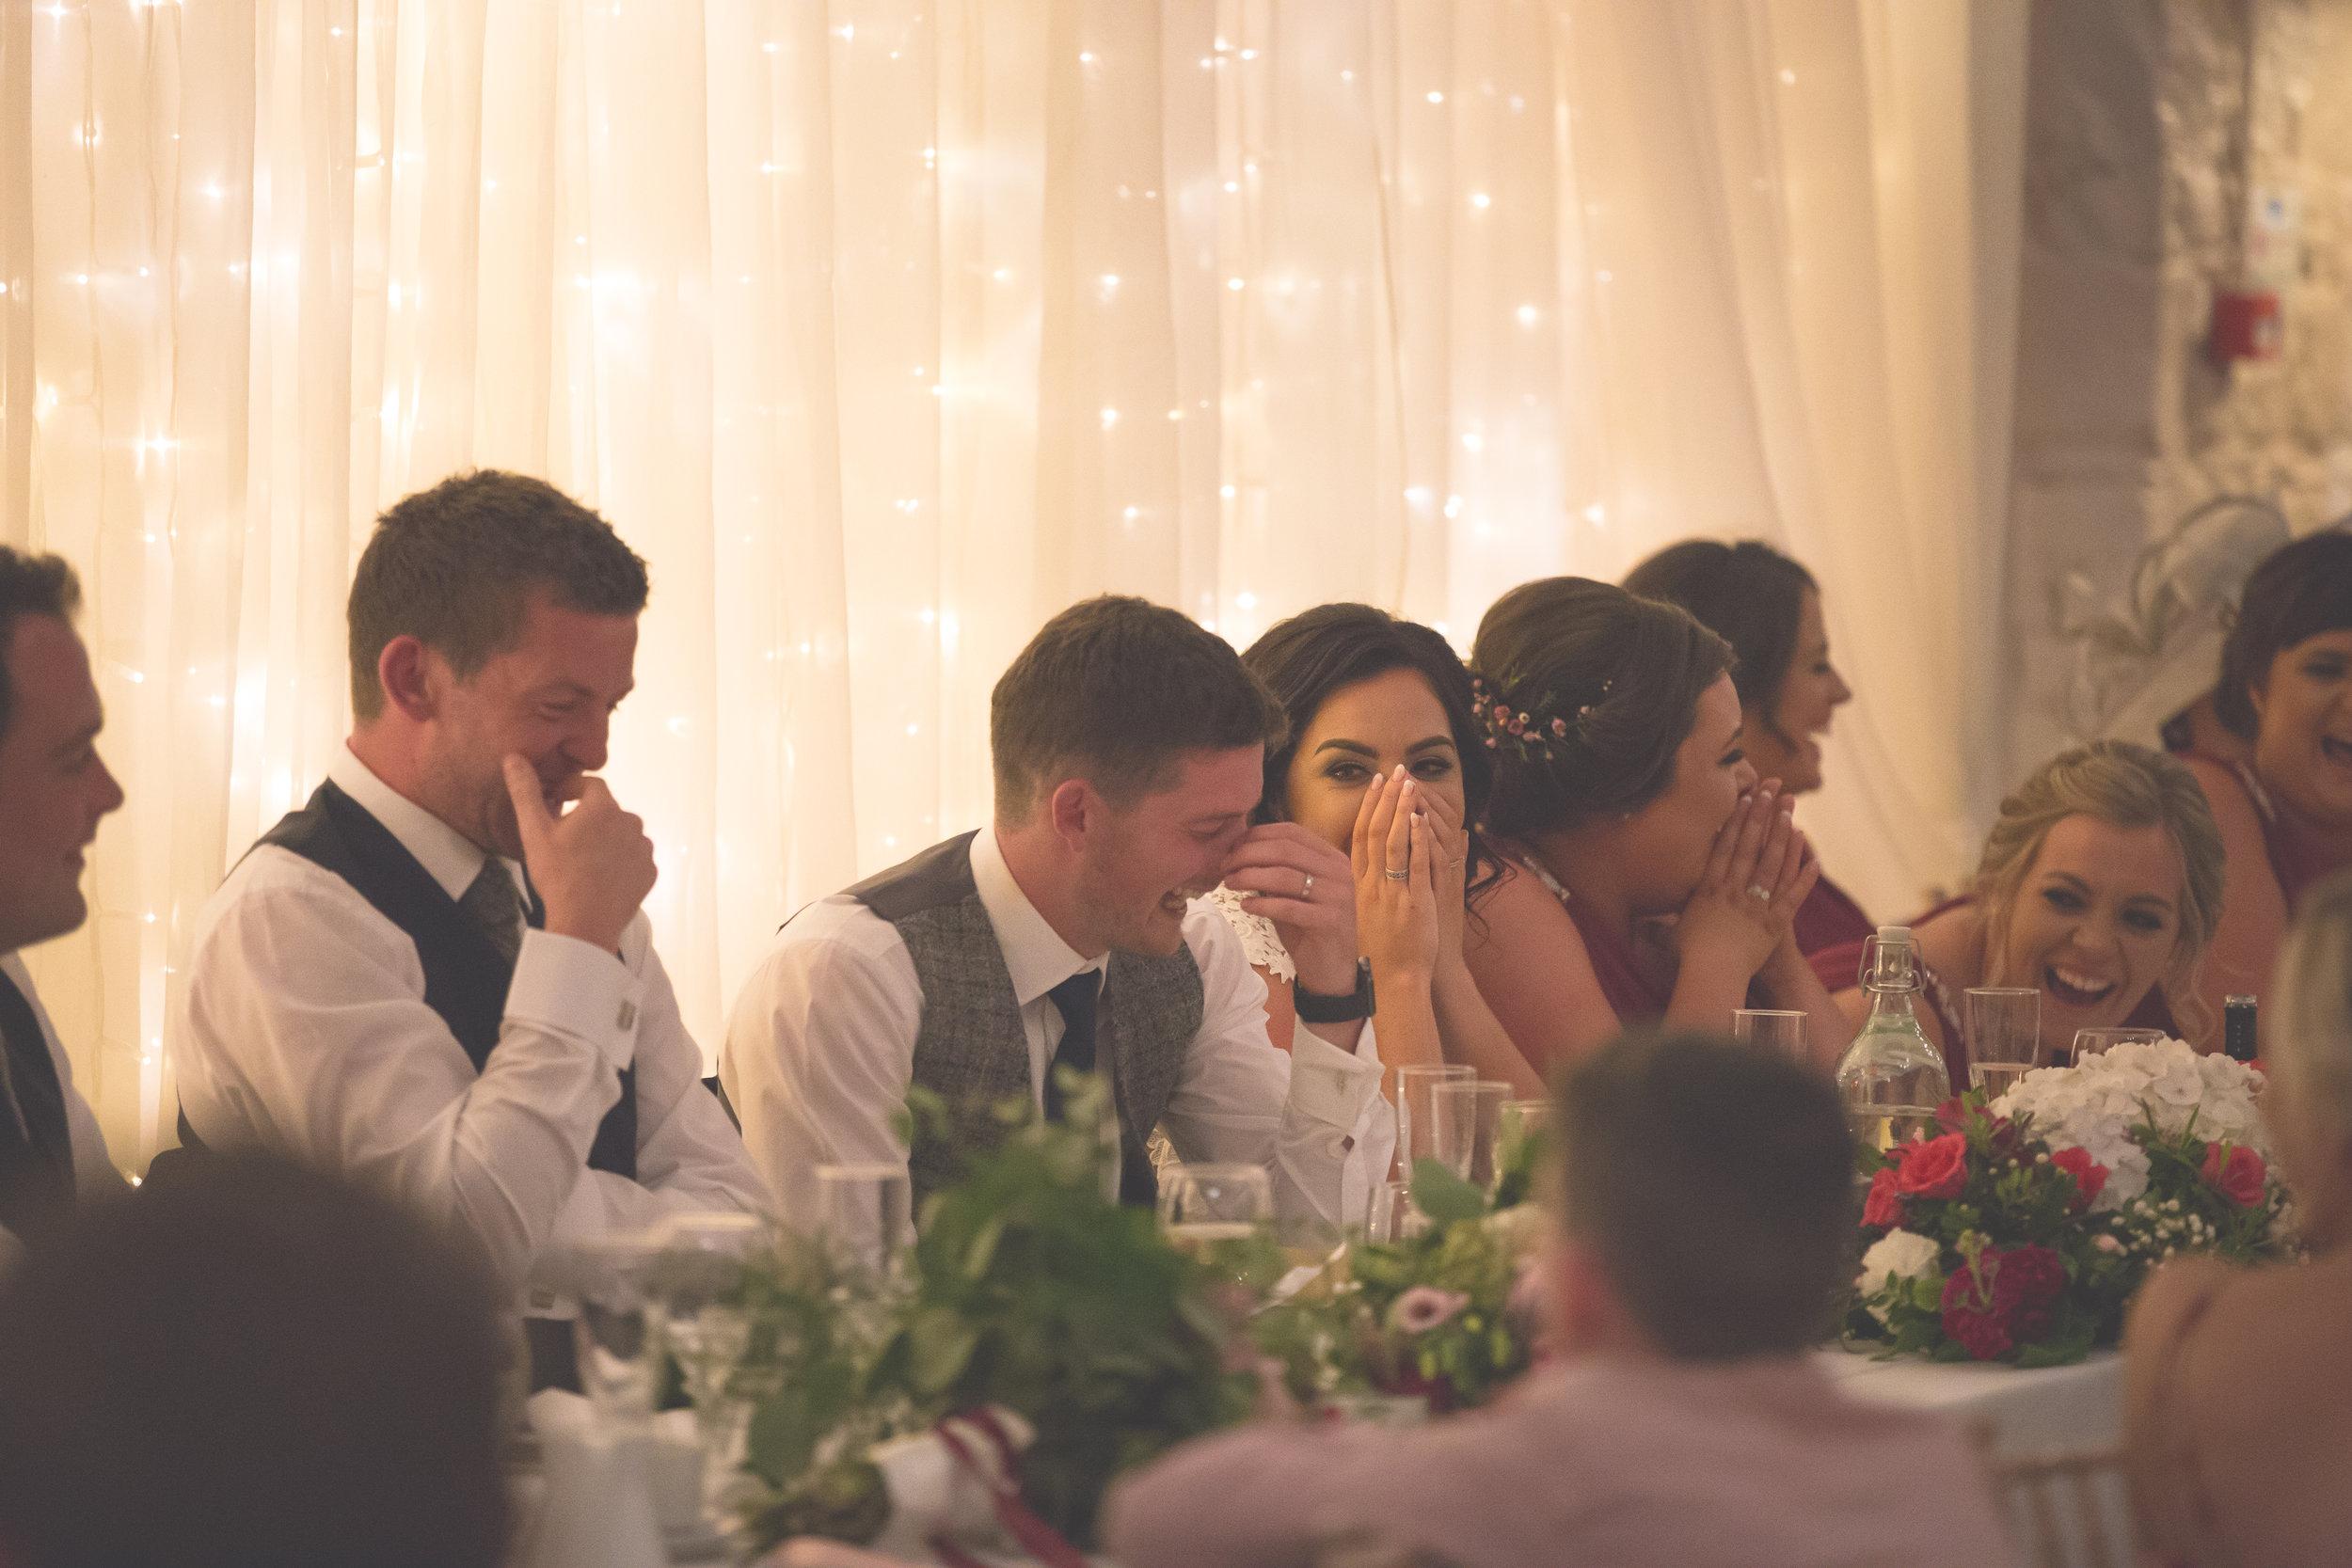 Brian McEwan Wedding Photography | Carol-Anne & Sean | The Speeches-114.jpg